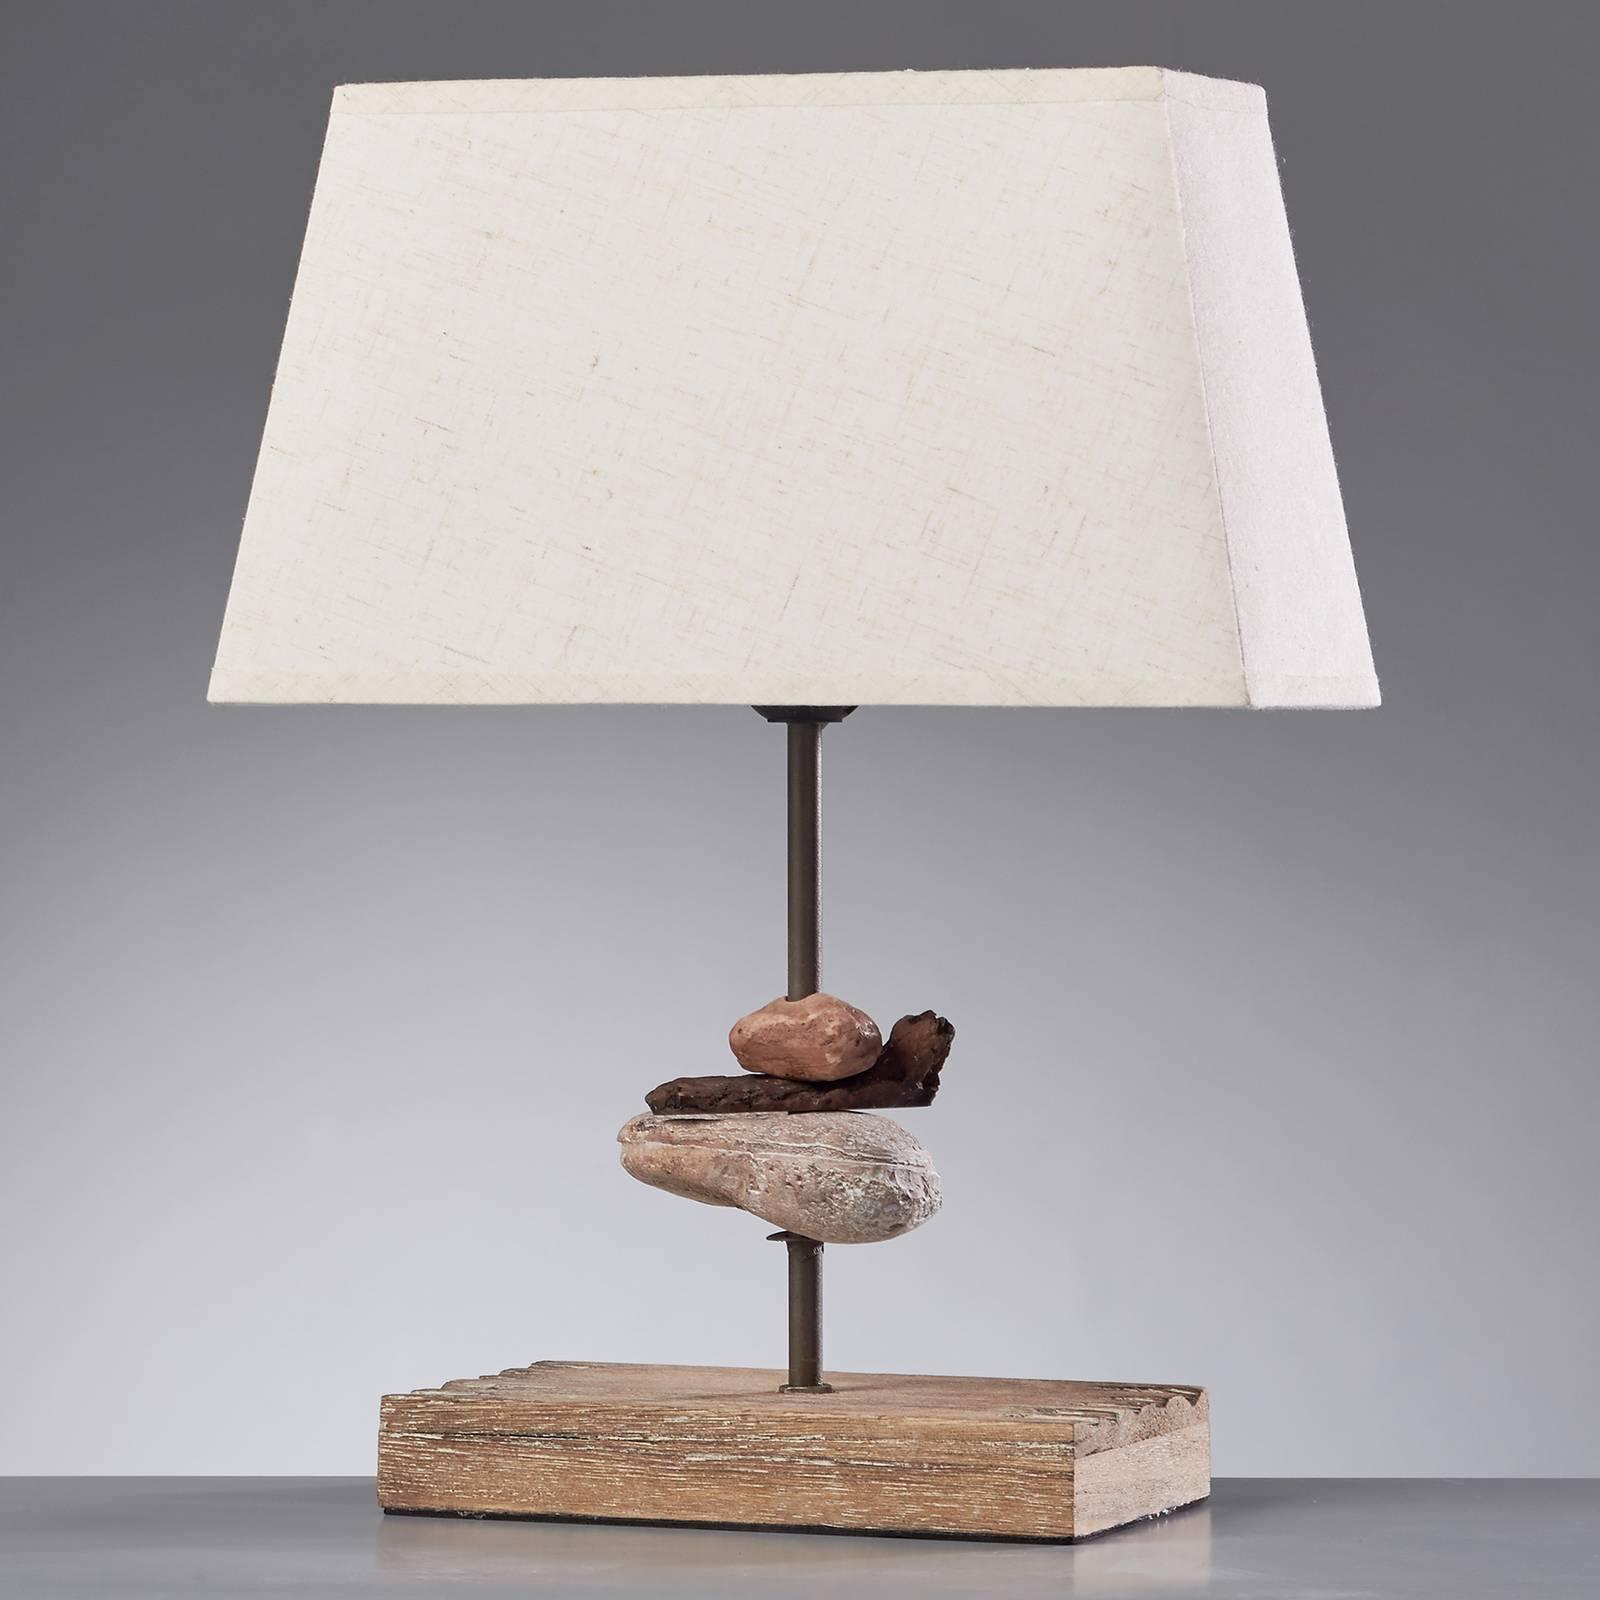 Tafellamp Seregon met stoffen kap, hoogte 39 cm